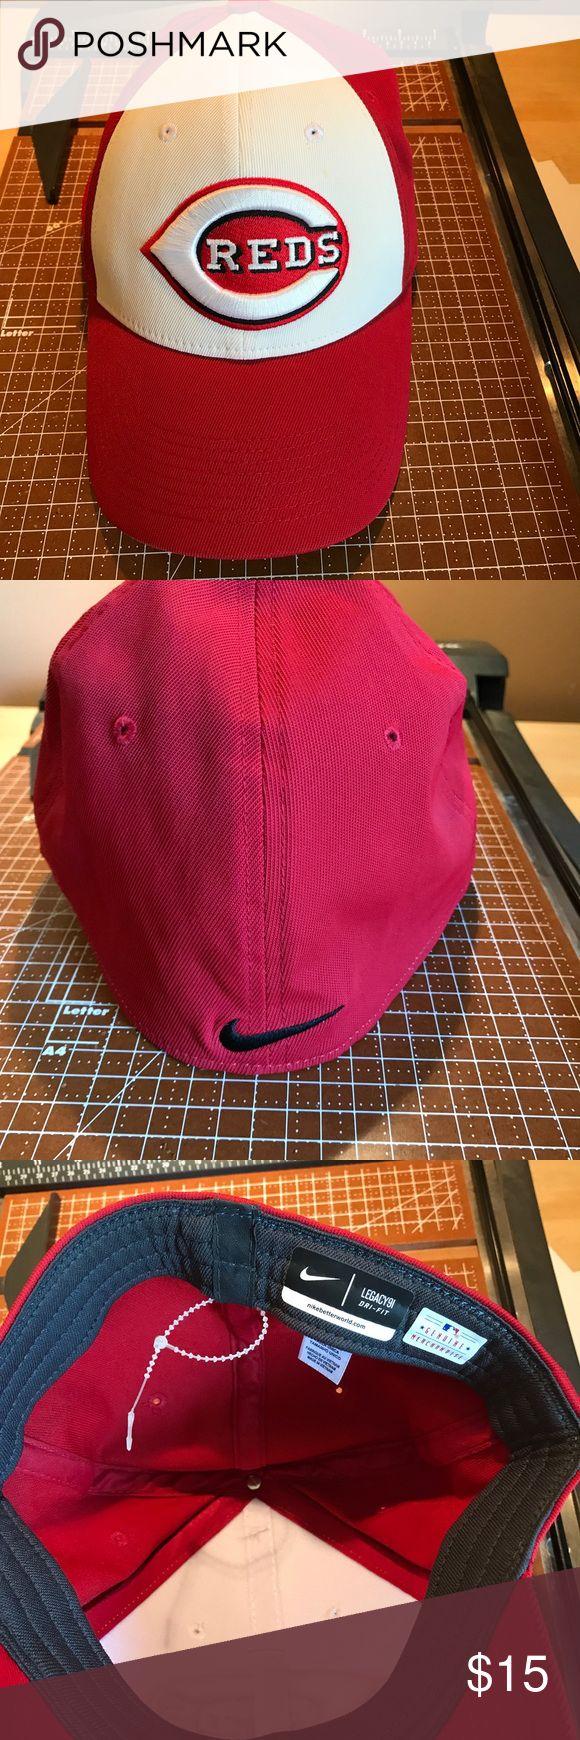 Cincinnati Reds Nike Flex Fit Hat Brand new flex fit hat. Nike Accessories Hats